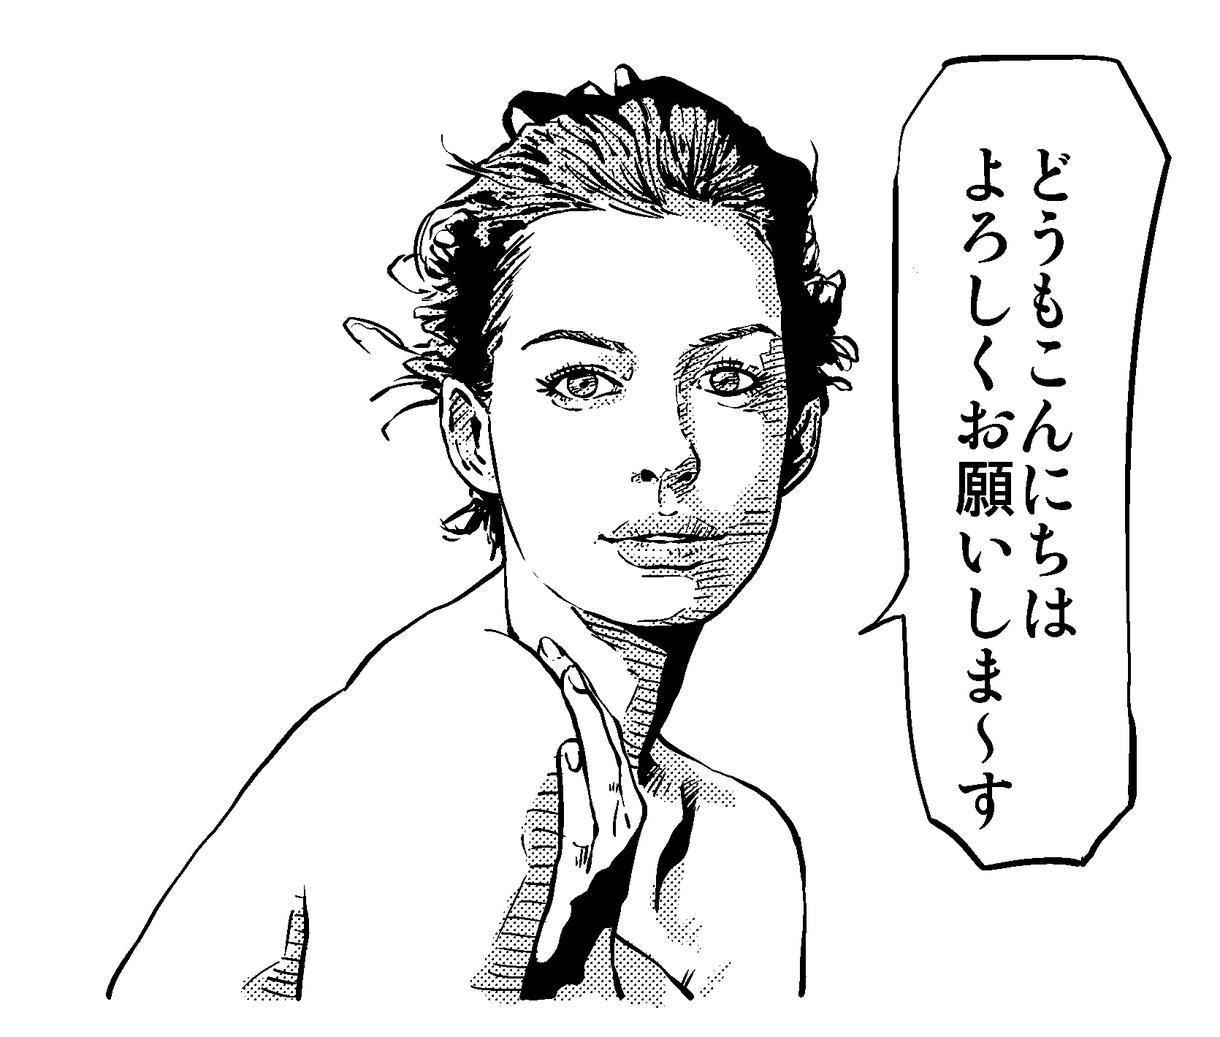 マンガ風似顔絵(モノクロ)描きます アイコン、プレゼントやウェルカムボードに